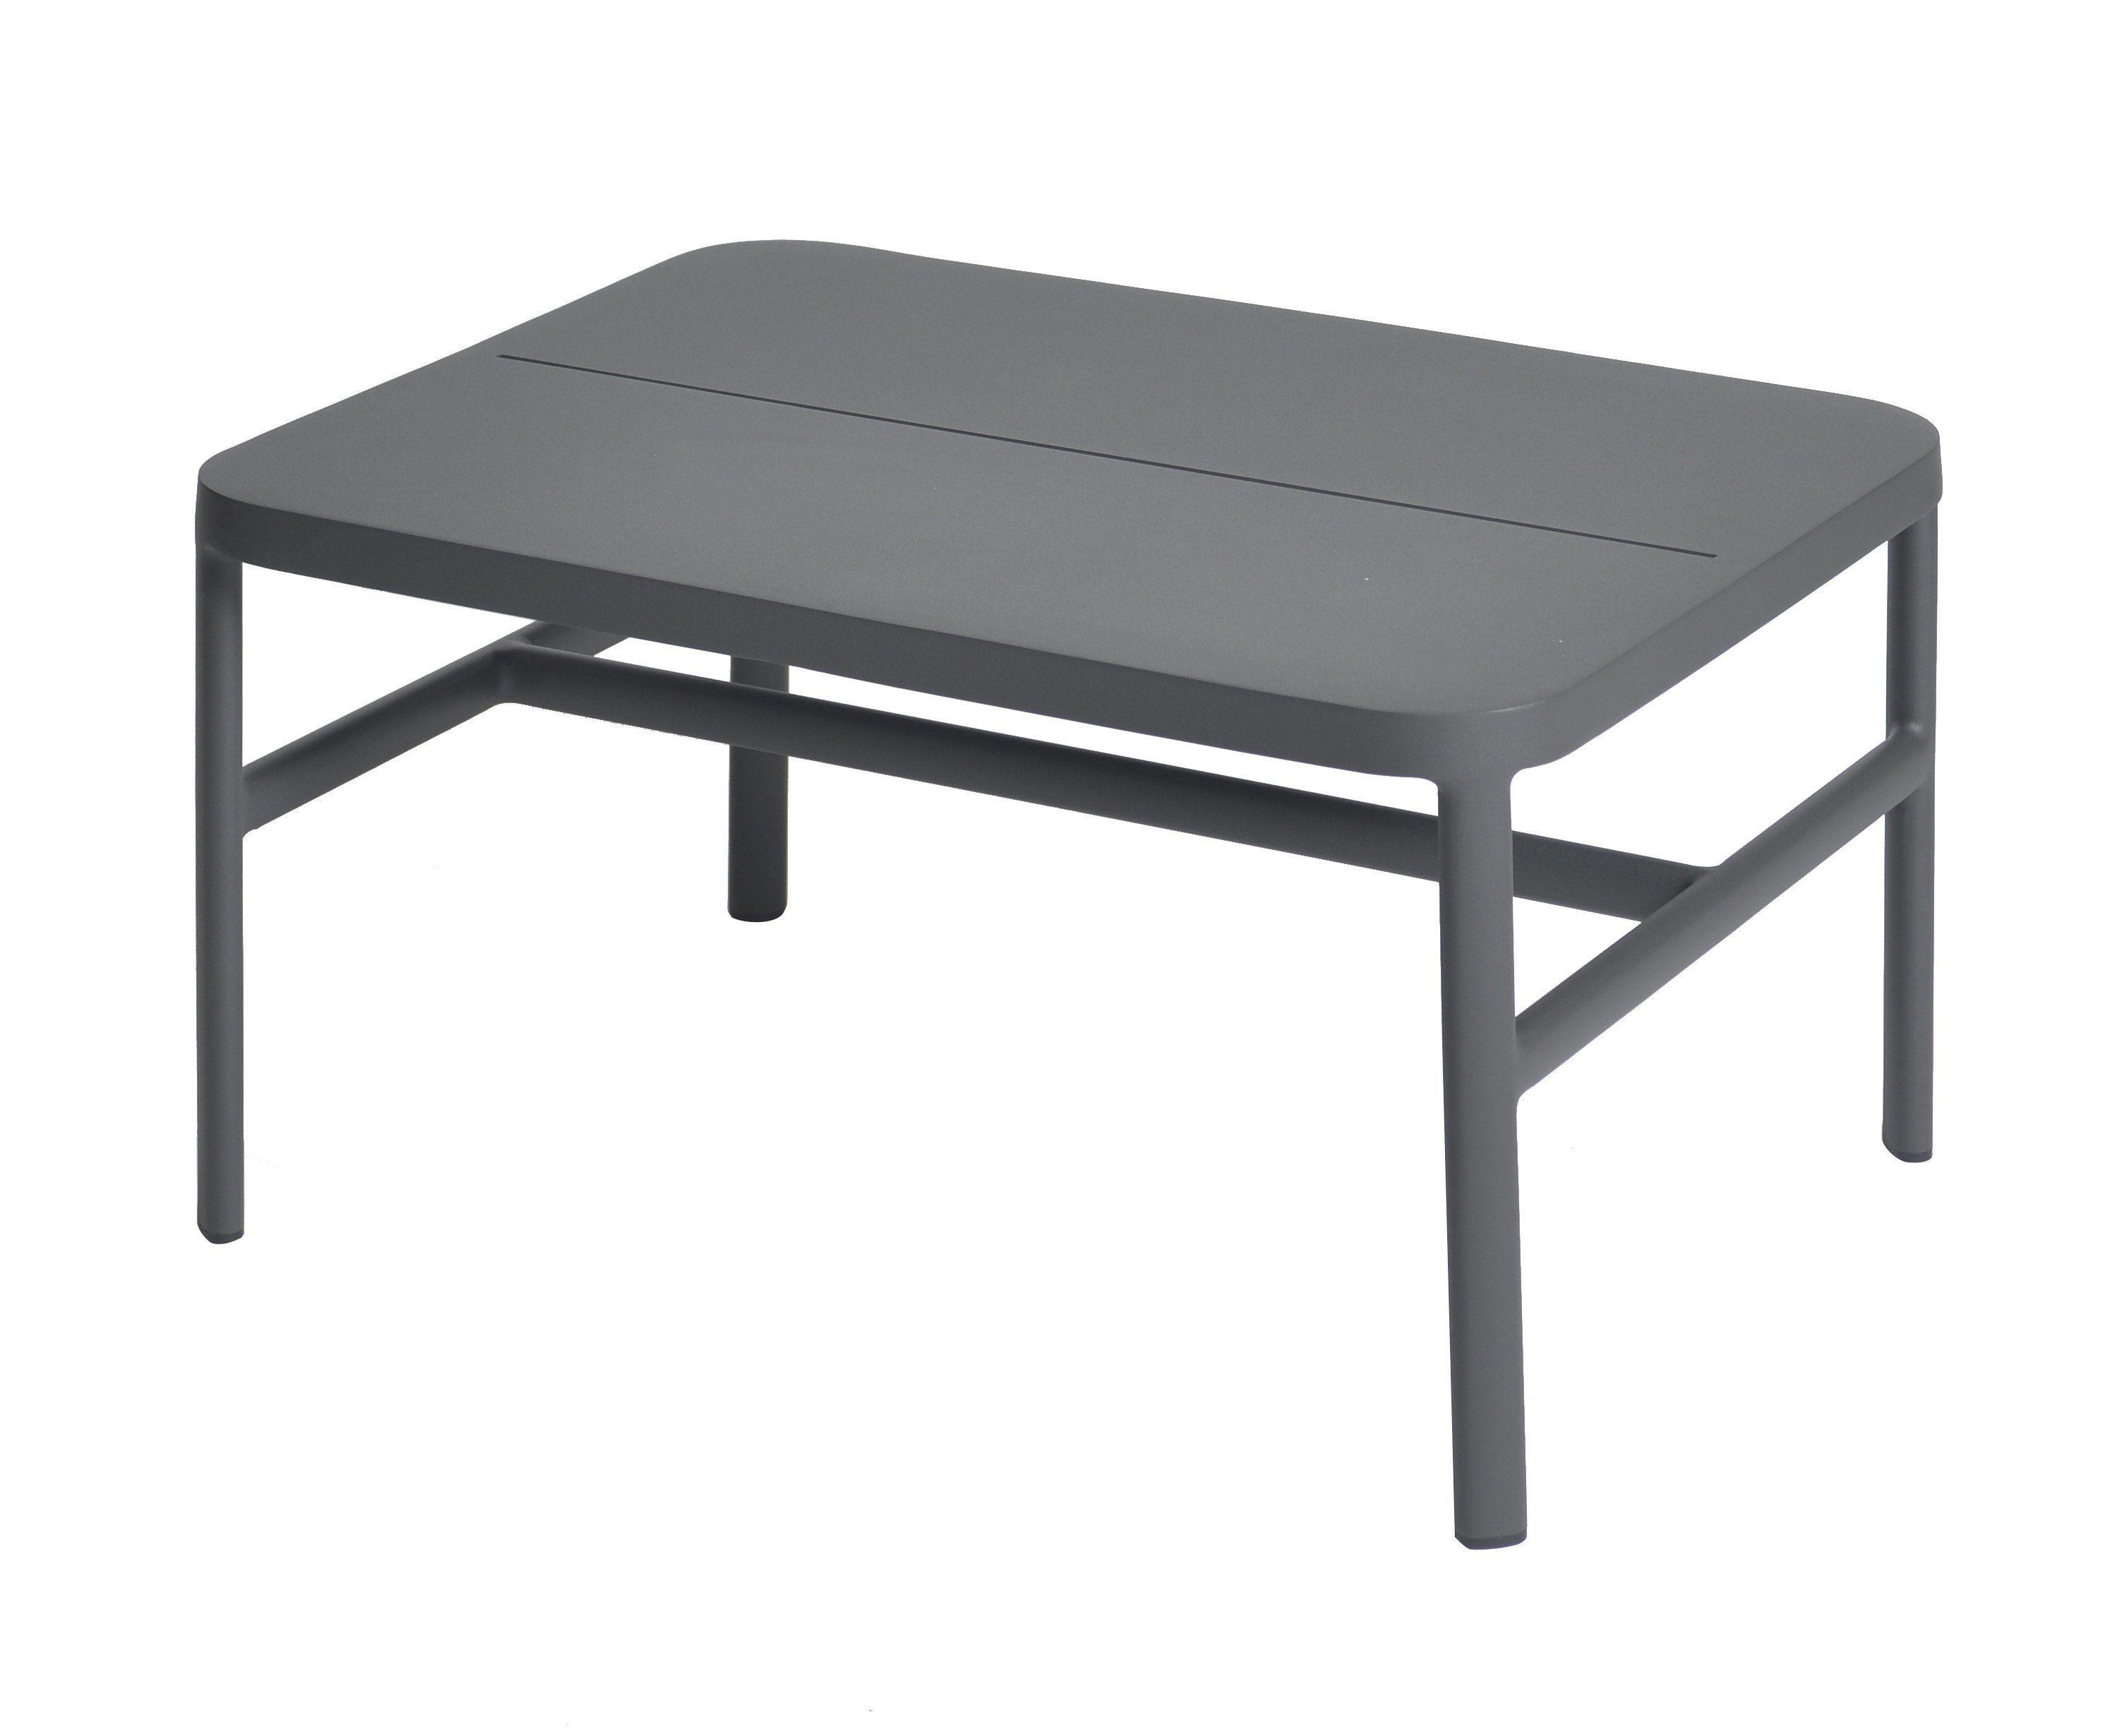 max & luuk grace lage tafel voetenbank aluminium